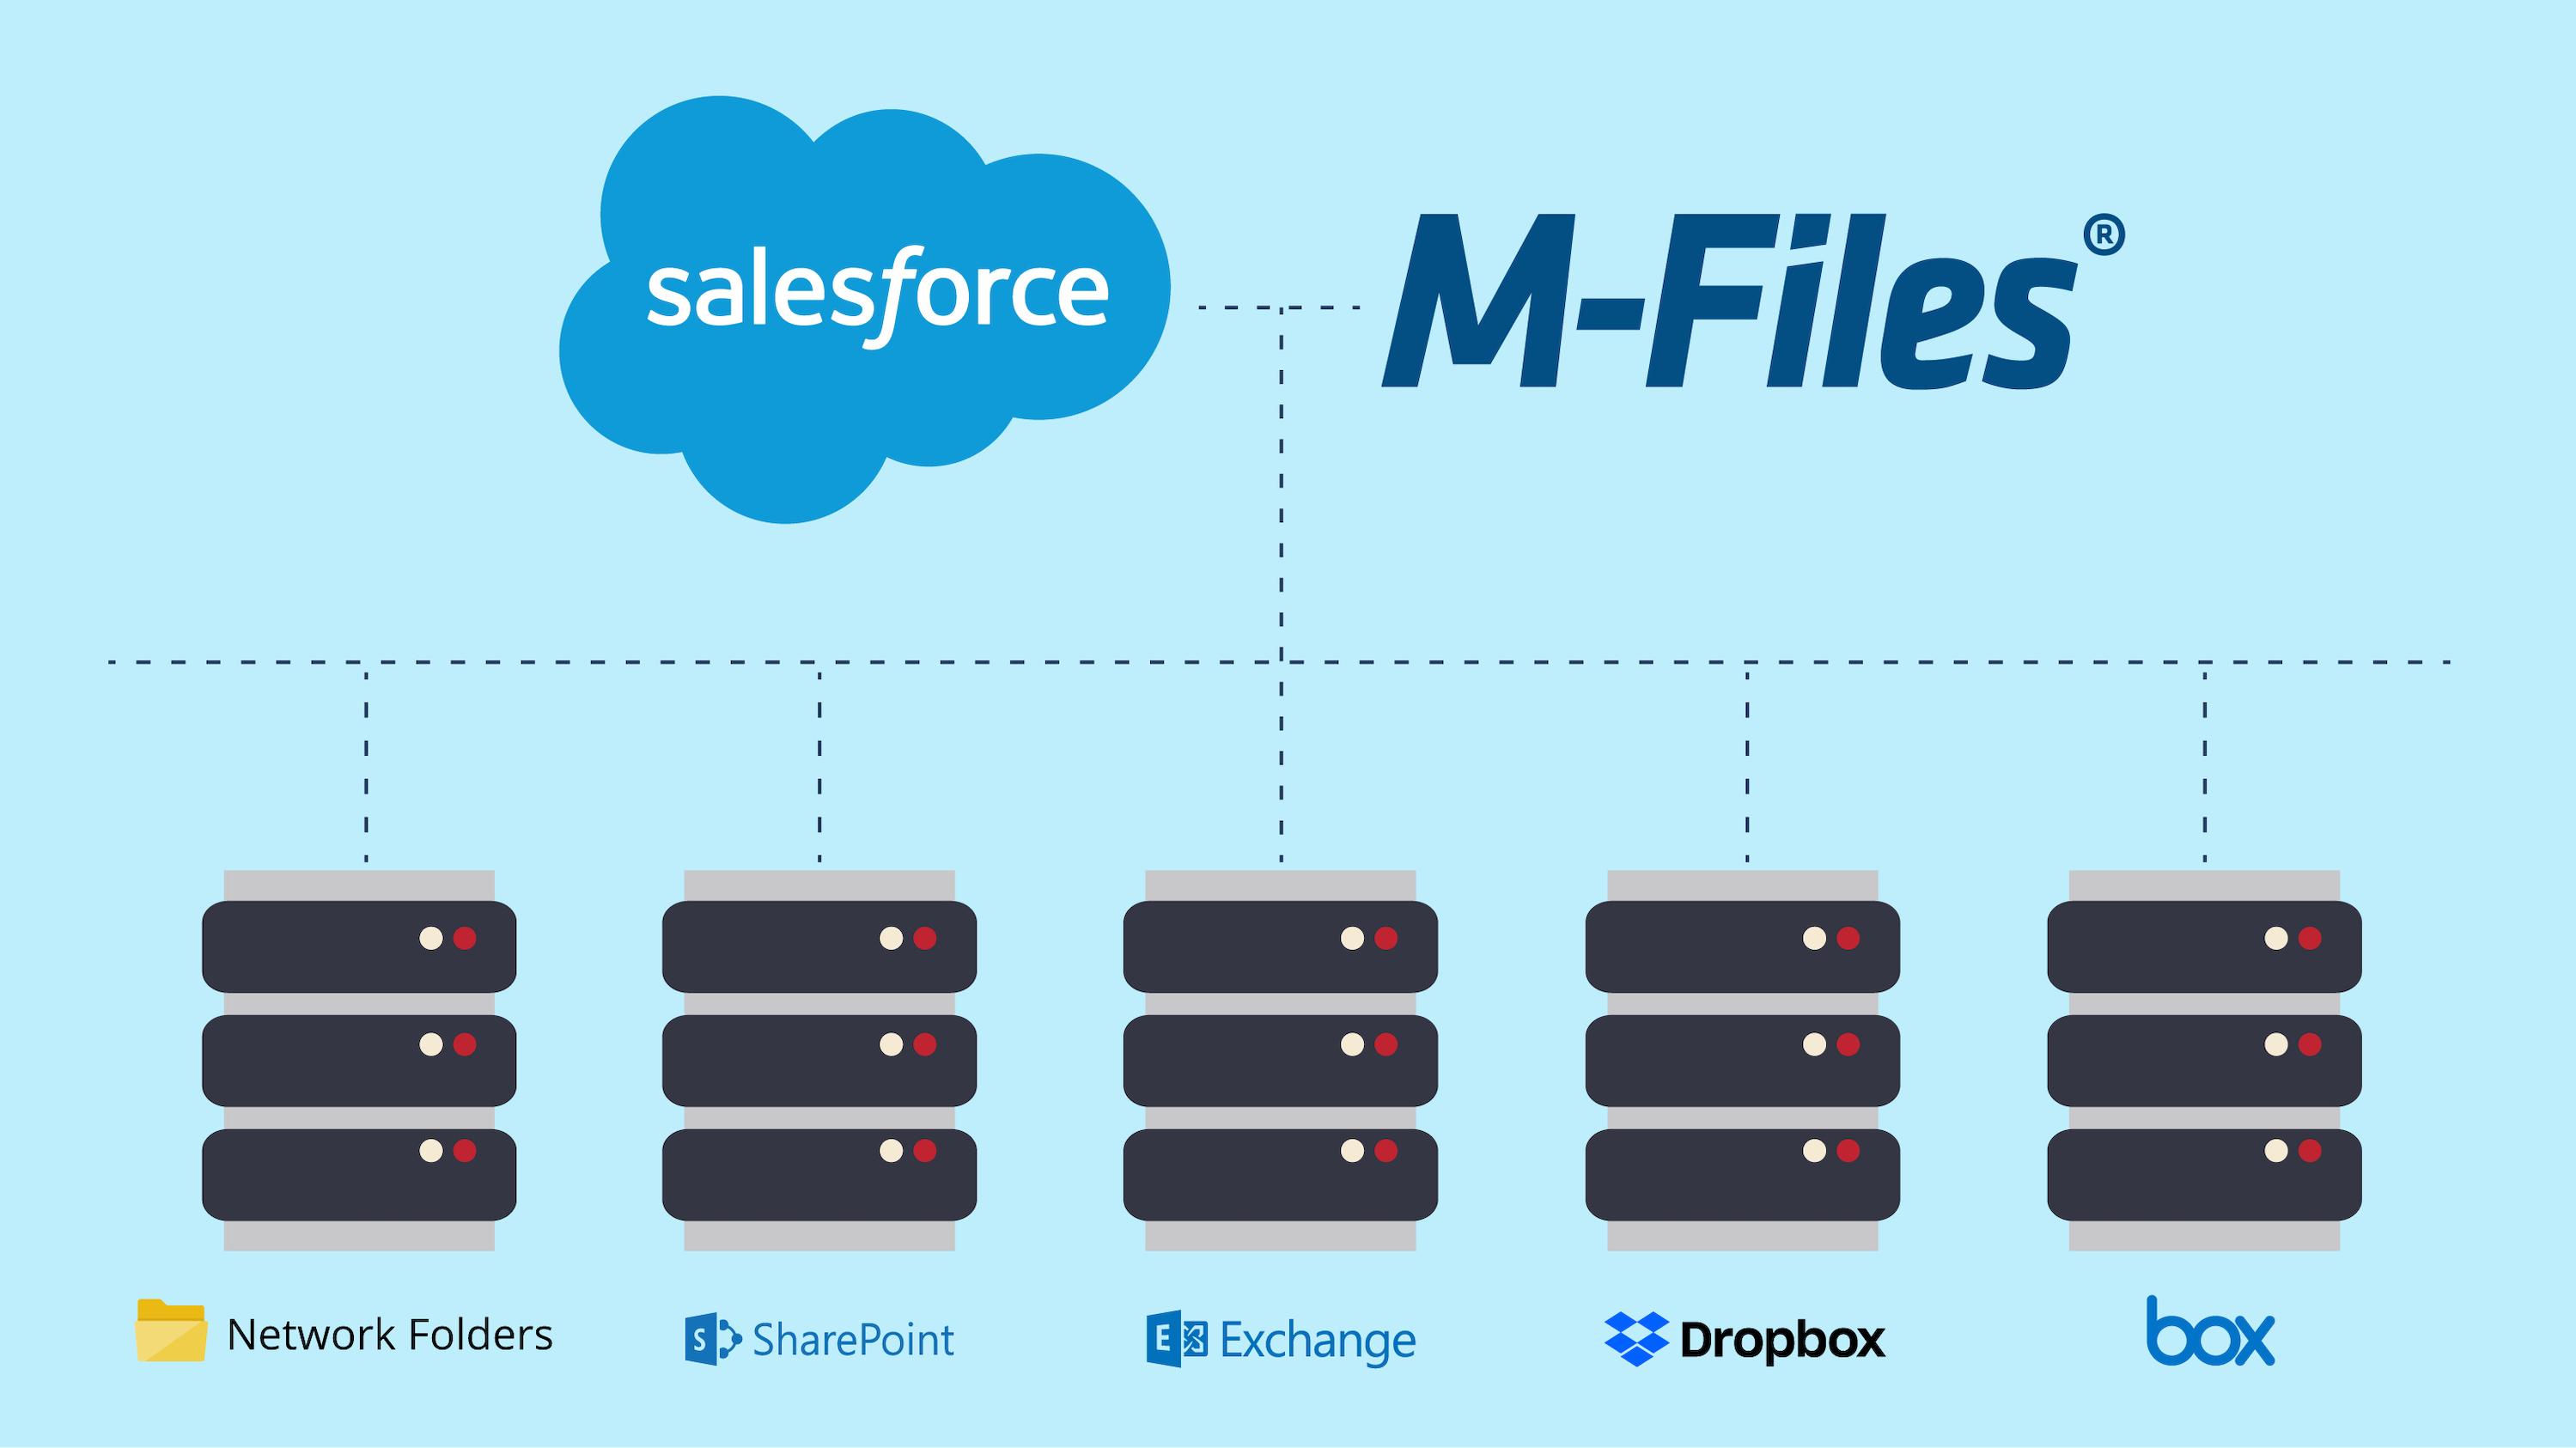 M-Files erweitert Salesforce Customer 360 um den kontextbasierten Zugriff auf alle Dokumente